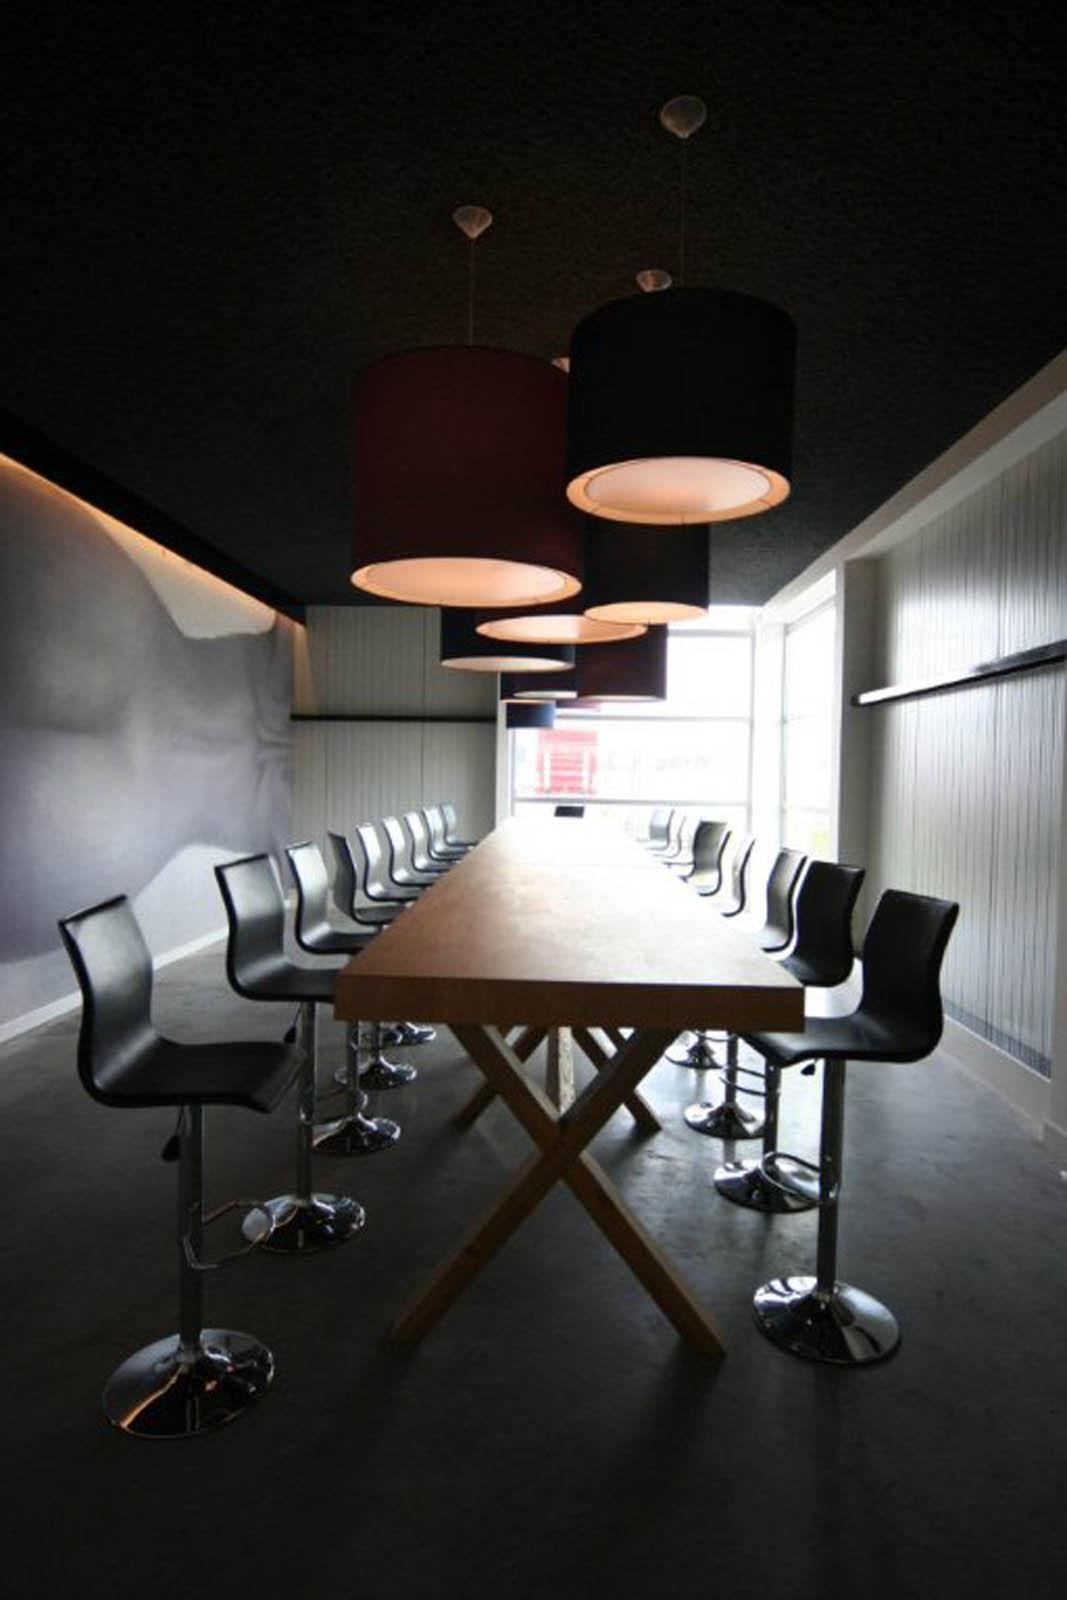 Canteen, Office building Intal, by Jeroen de Nijs